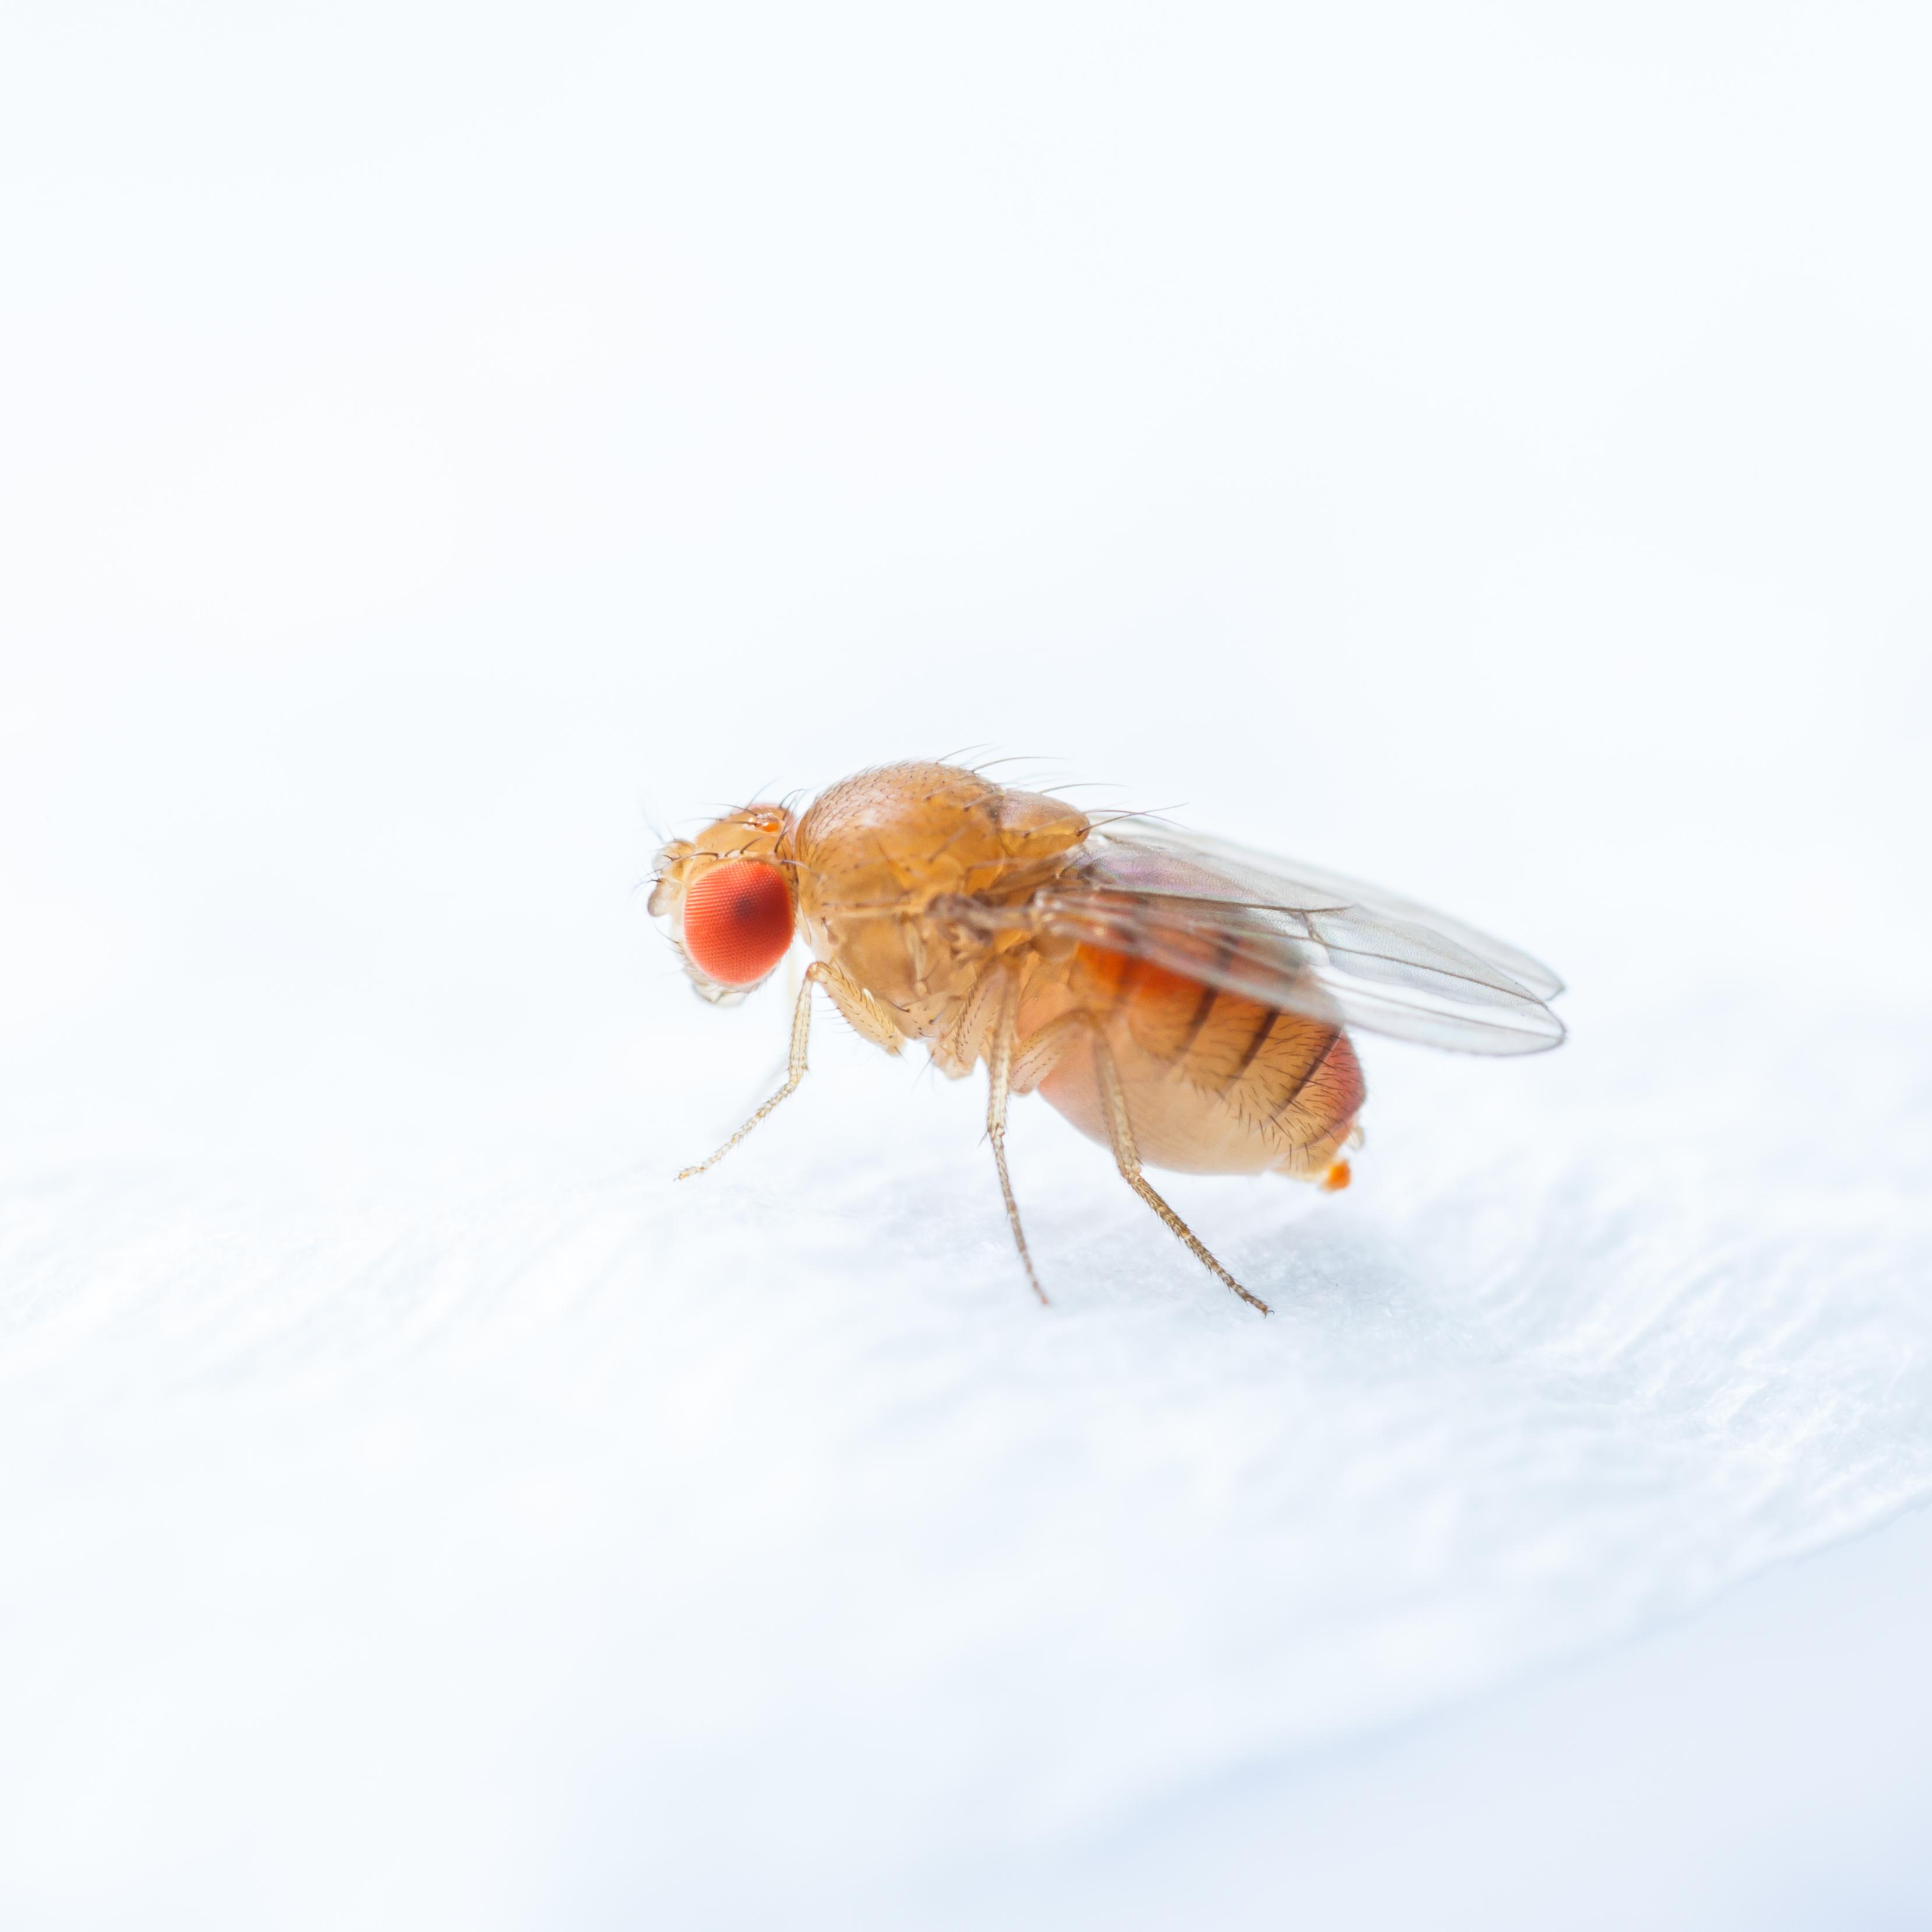 Bananflugor - Drosophila melanogaster